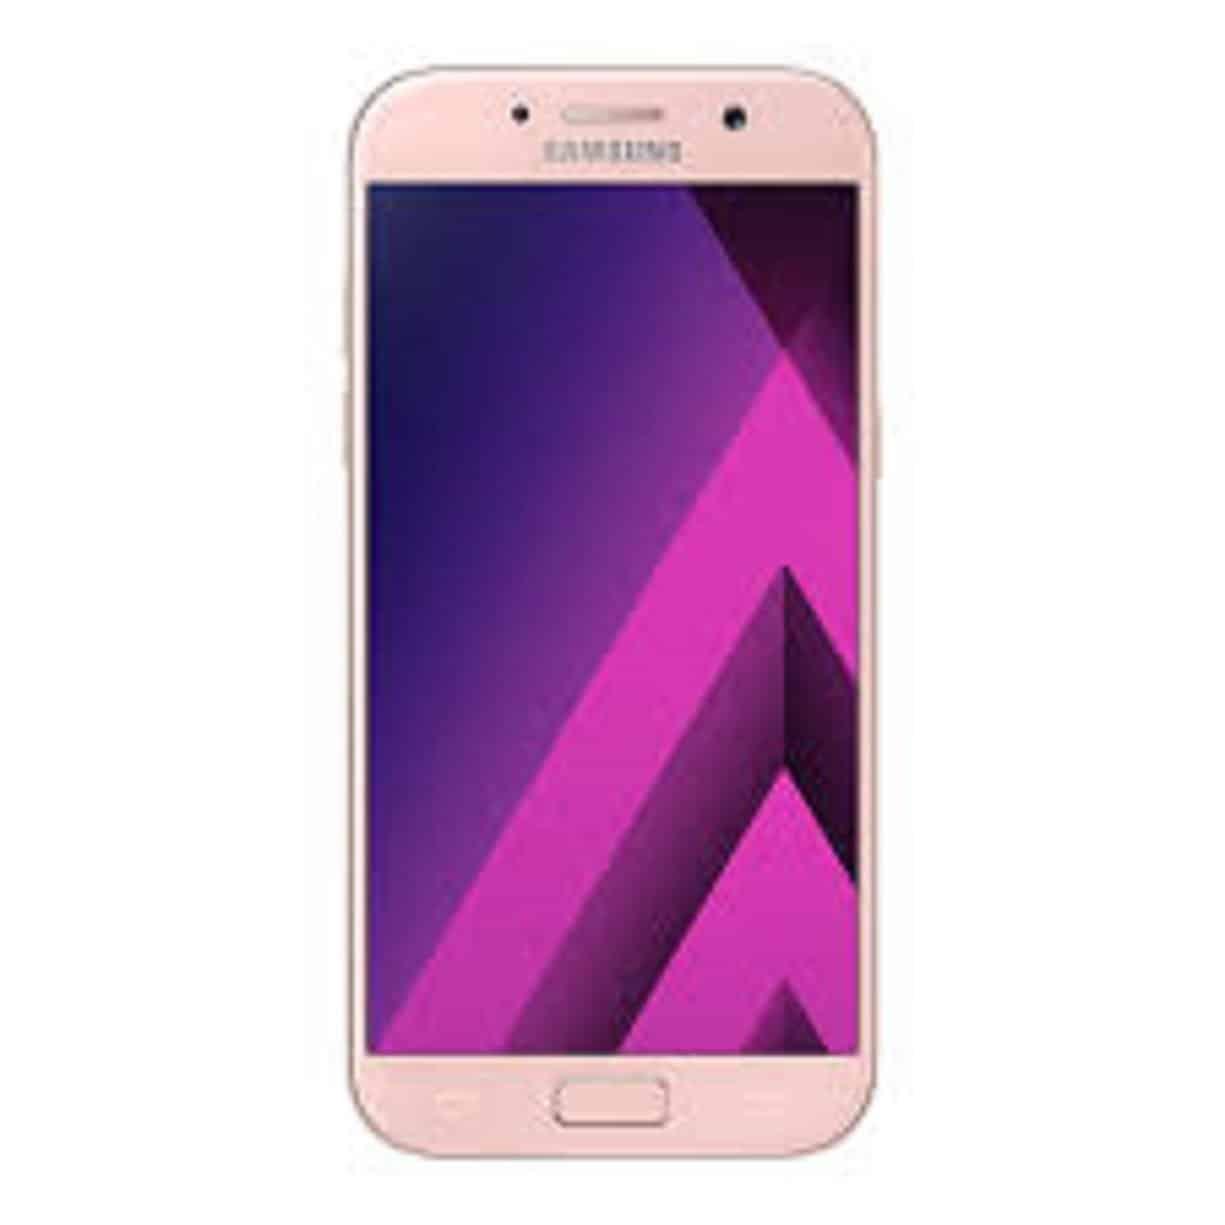 samsung galaxy a5 2017 screen repair dublin nationwide